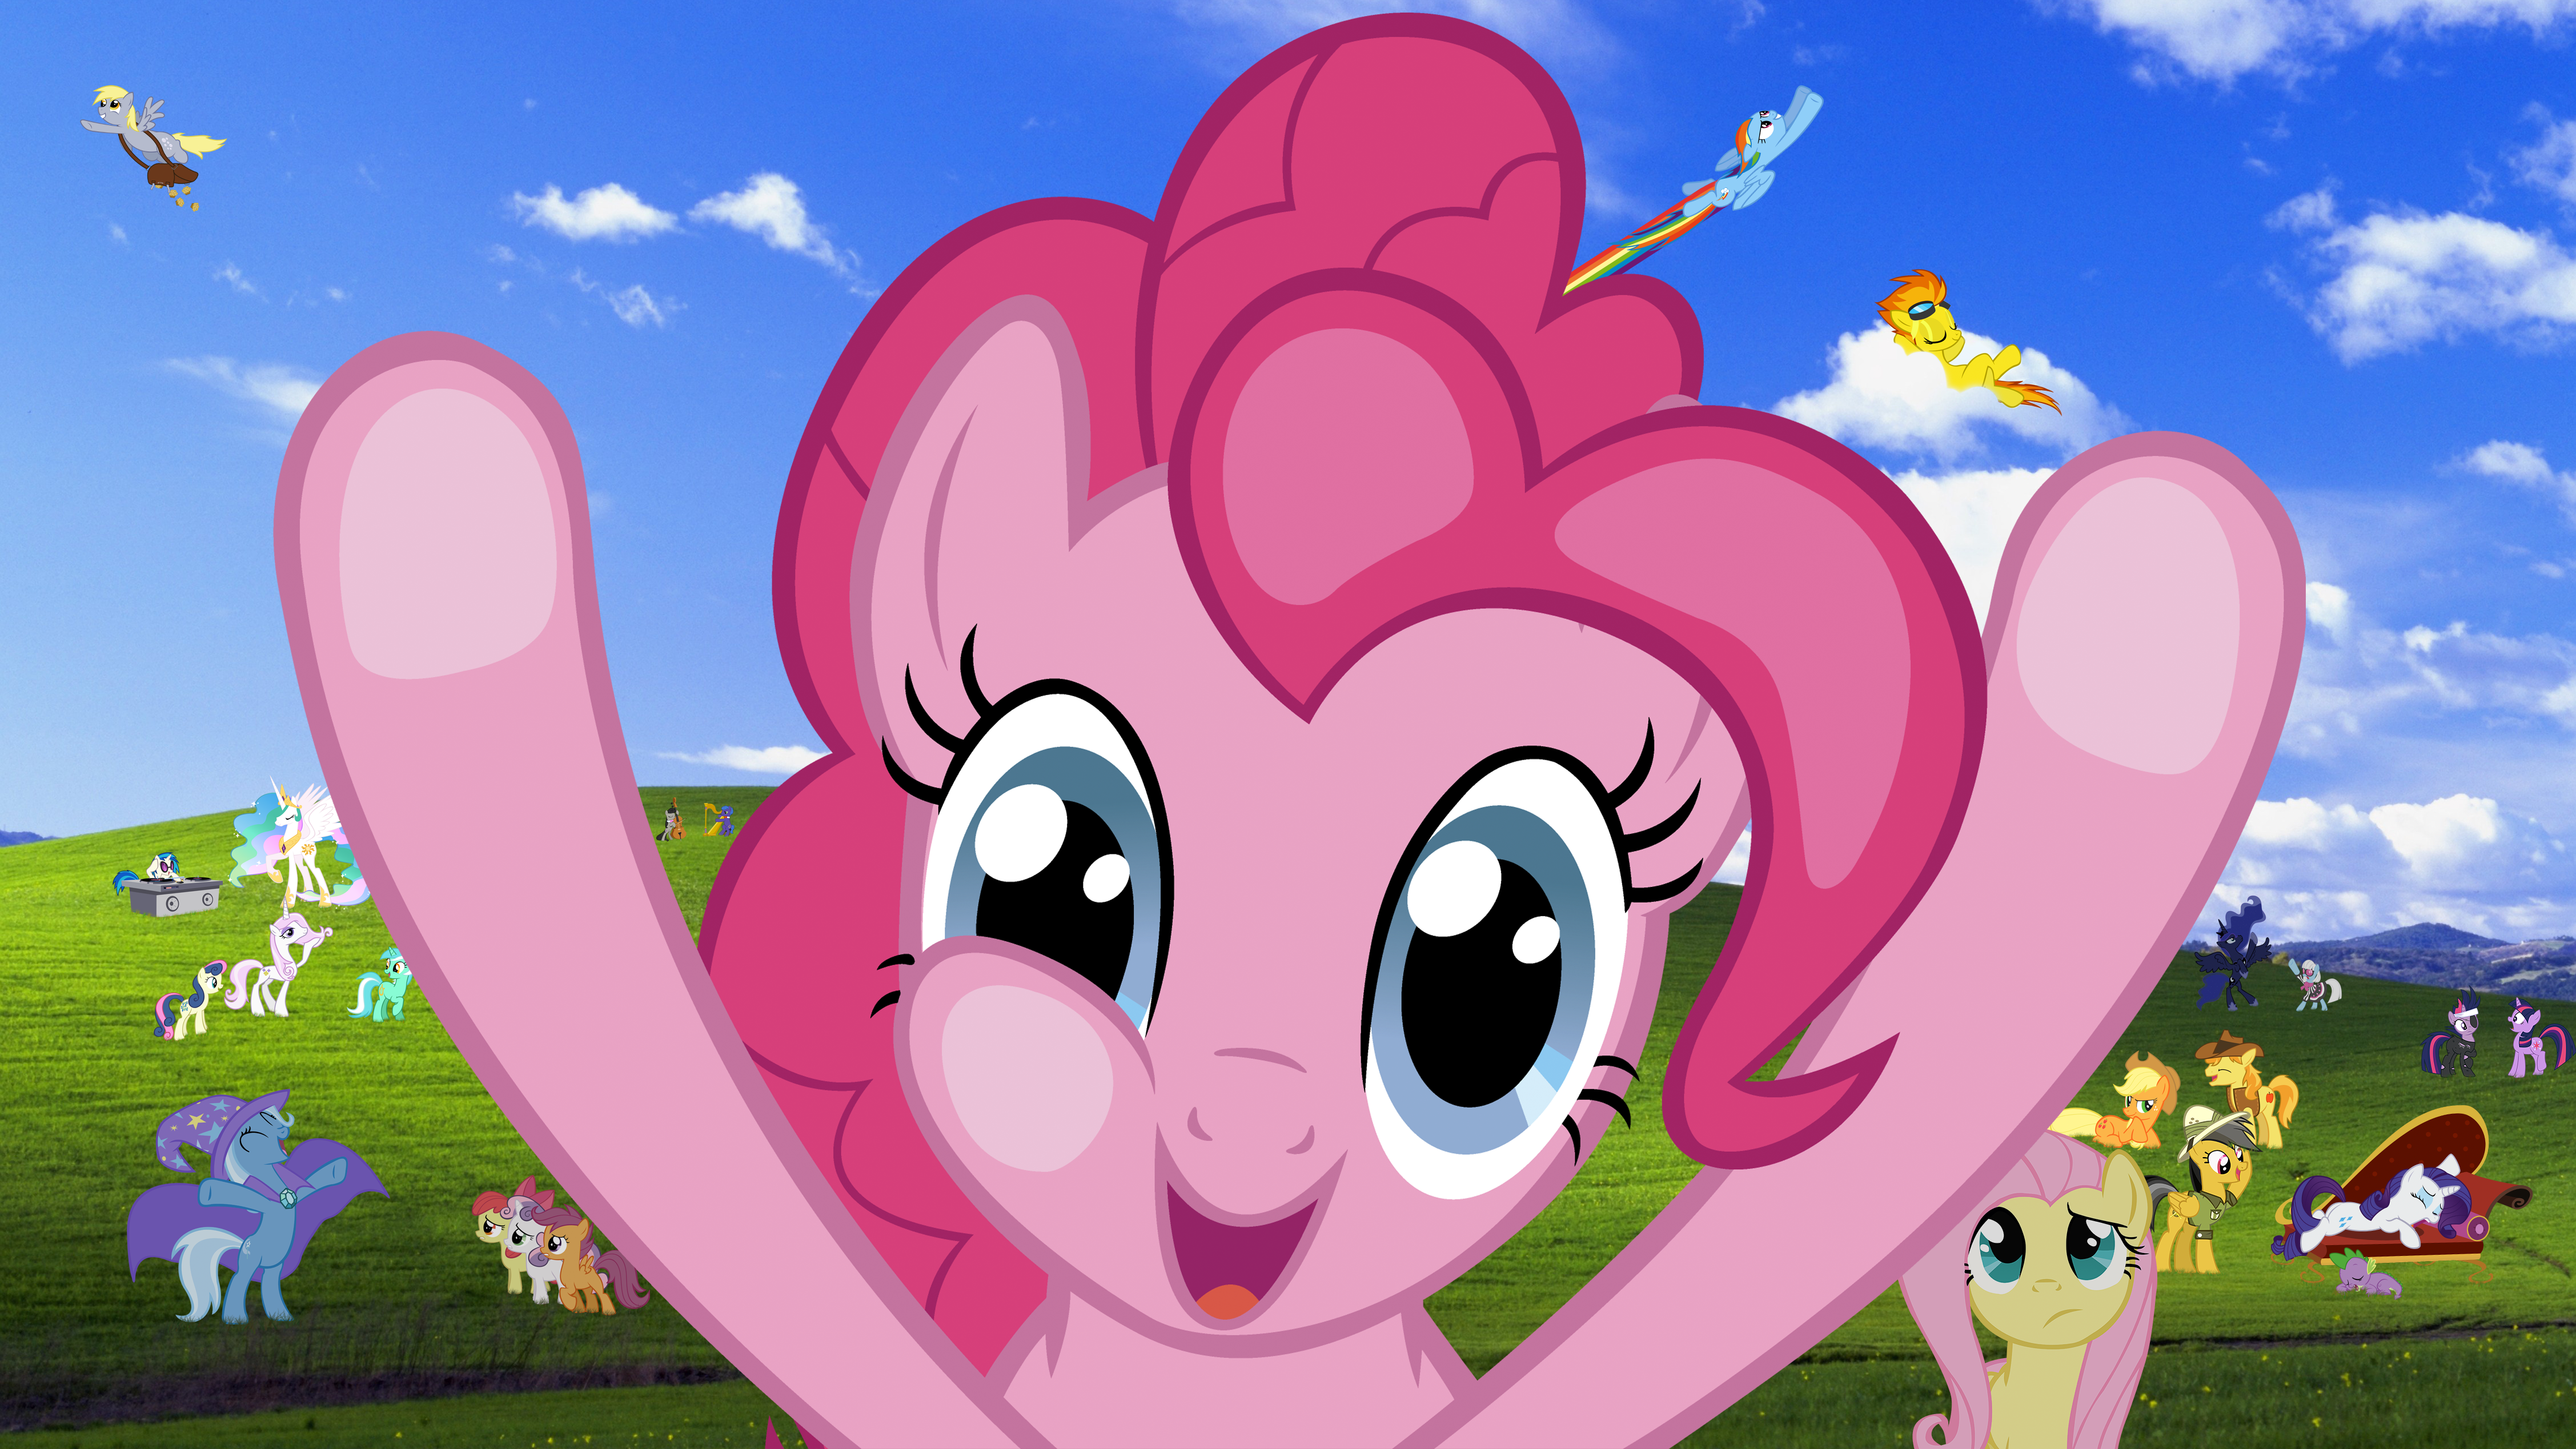 Windows Pony Wallpaper Pinkie Pie Version By Realboser On Deviantart